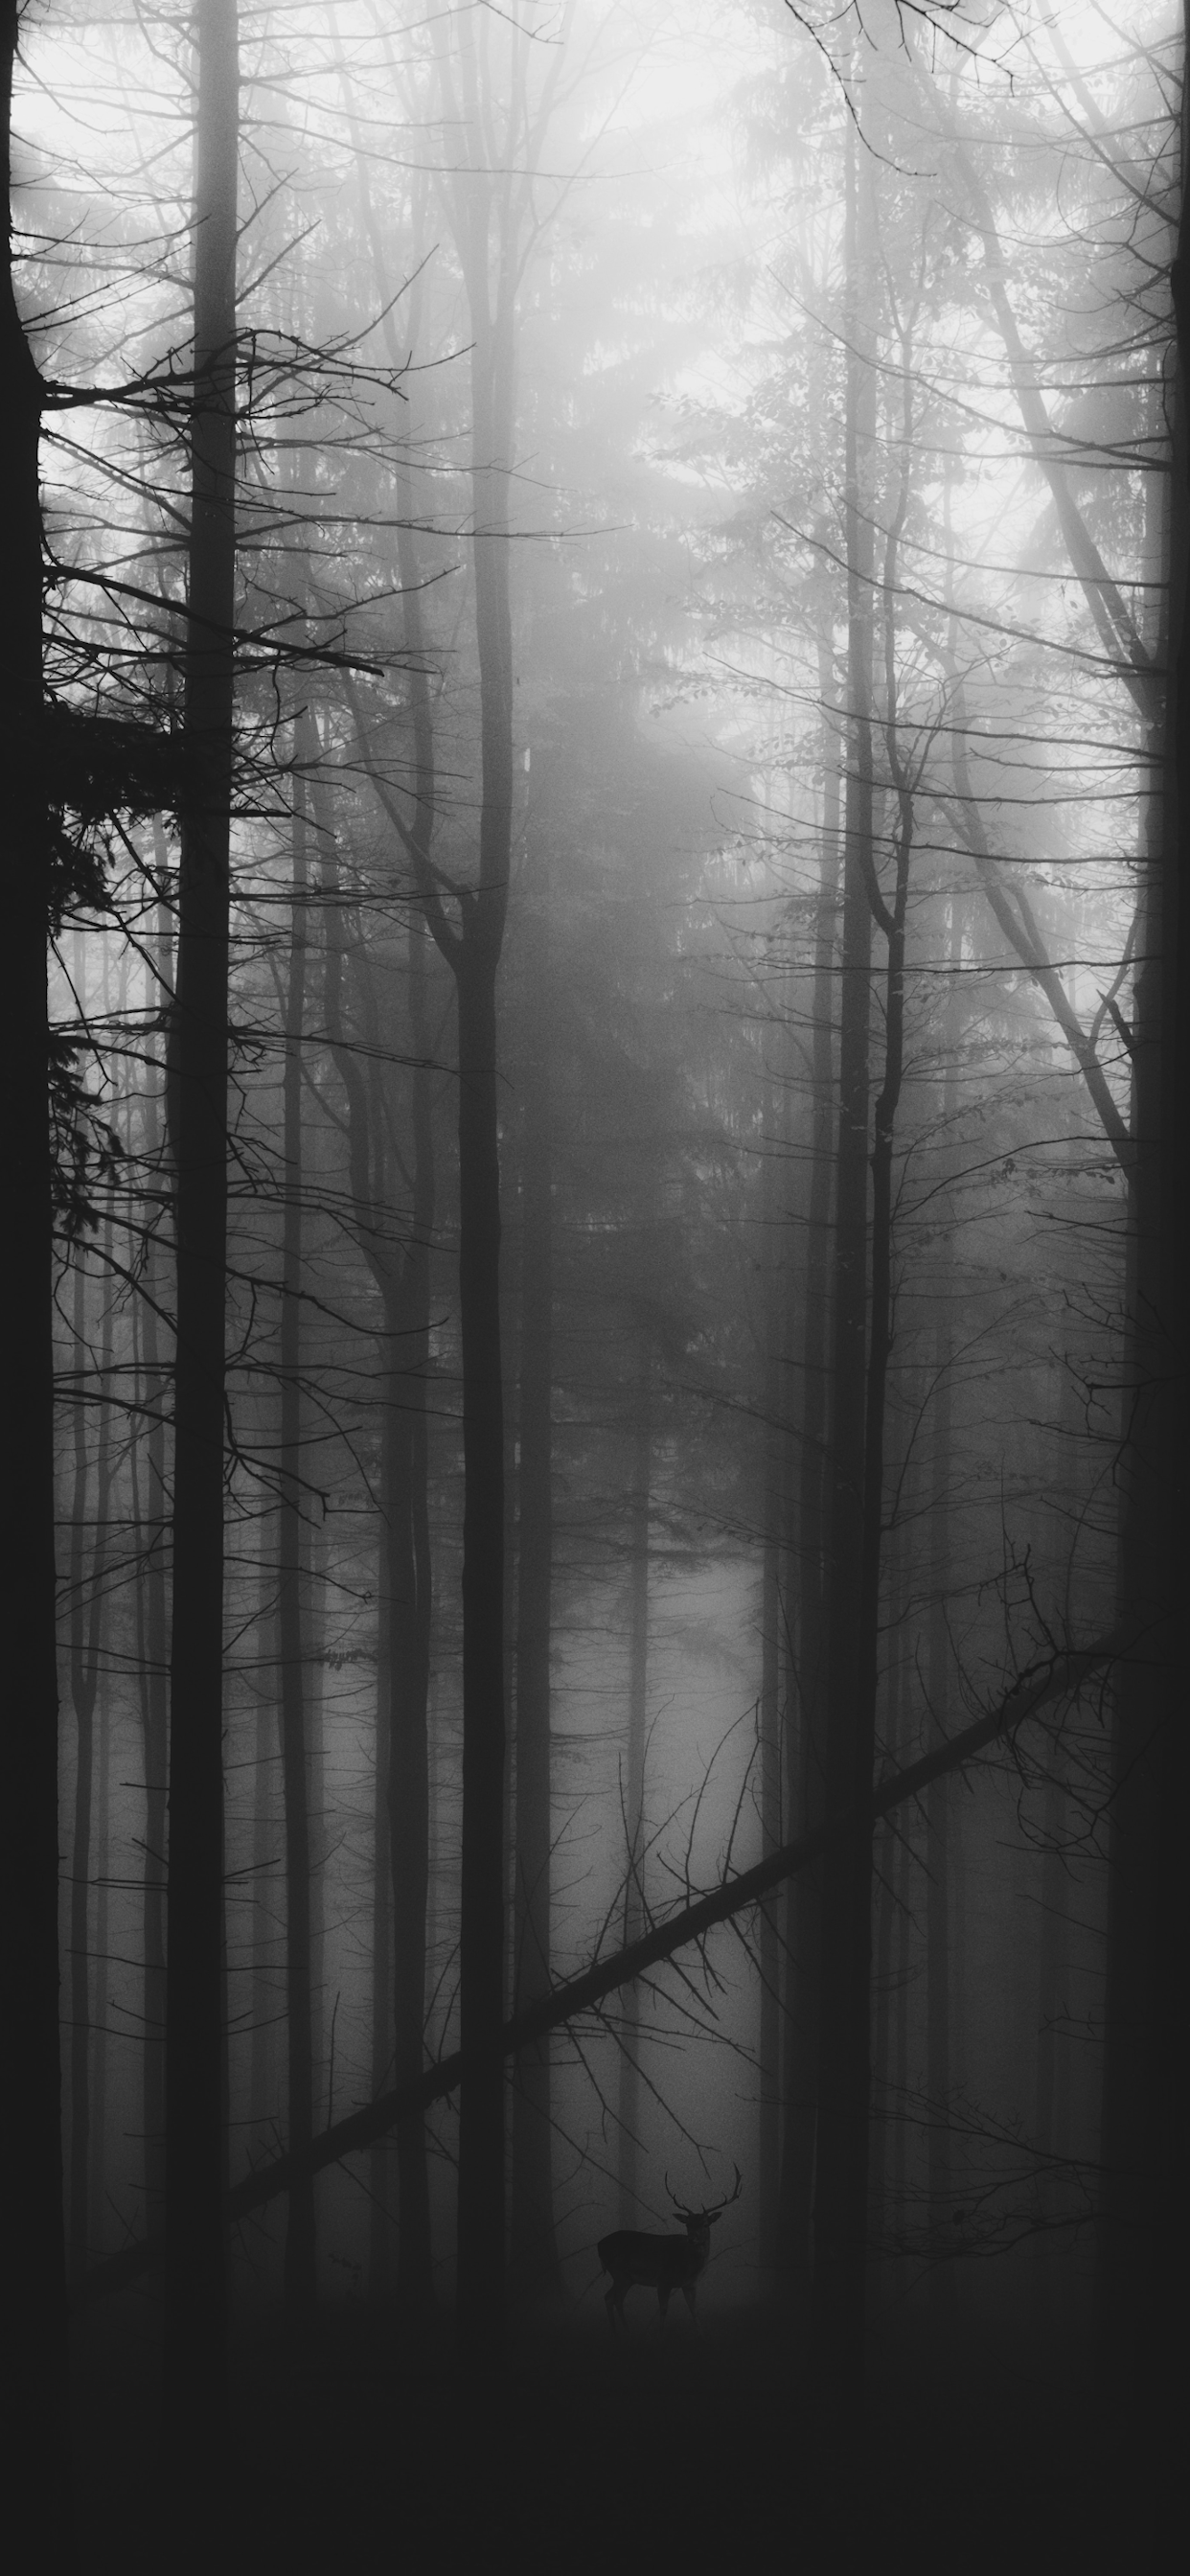 iPhone wallpapers black white forest alaska Fonds d'écran iPhone du 10/01/2020